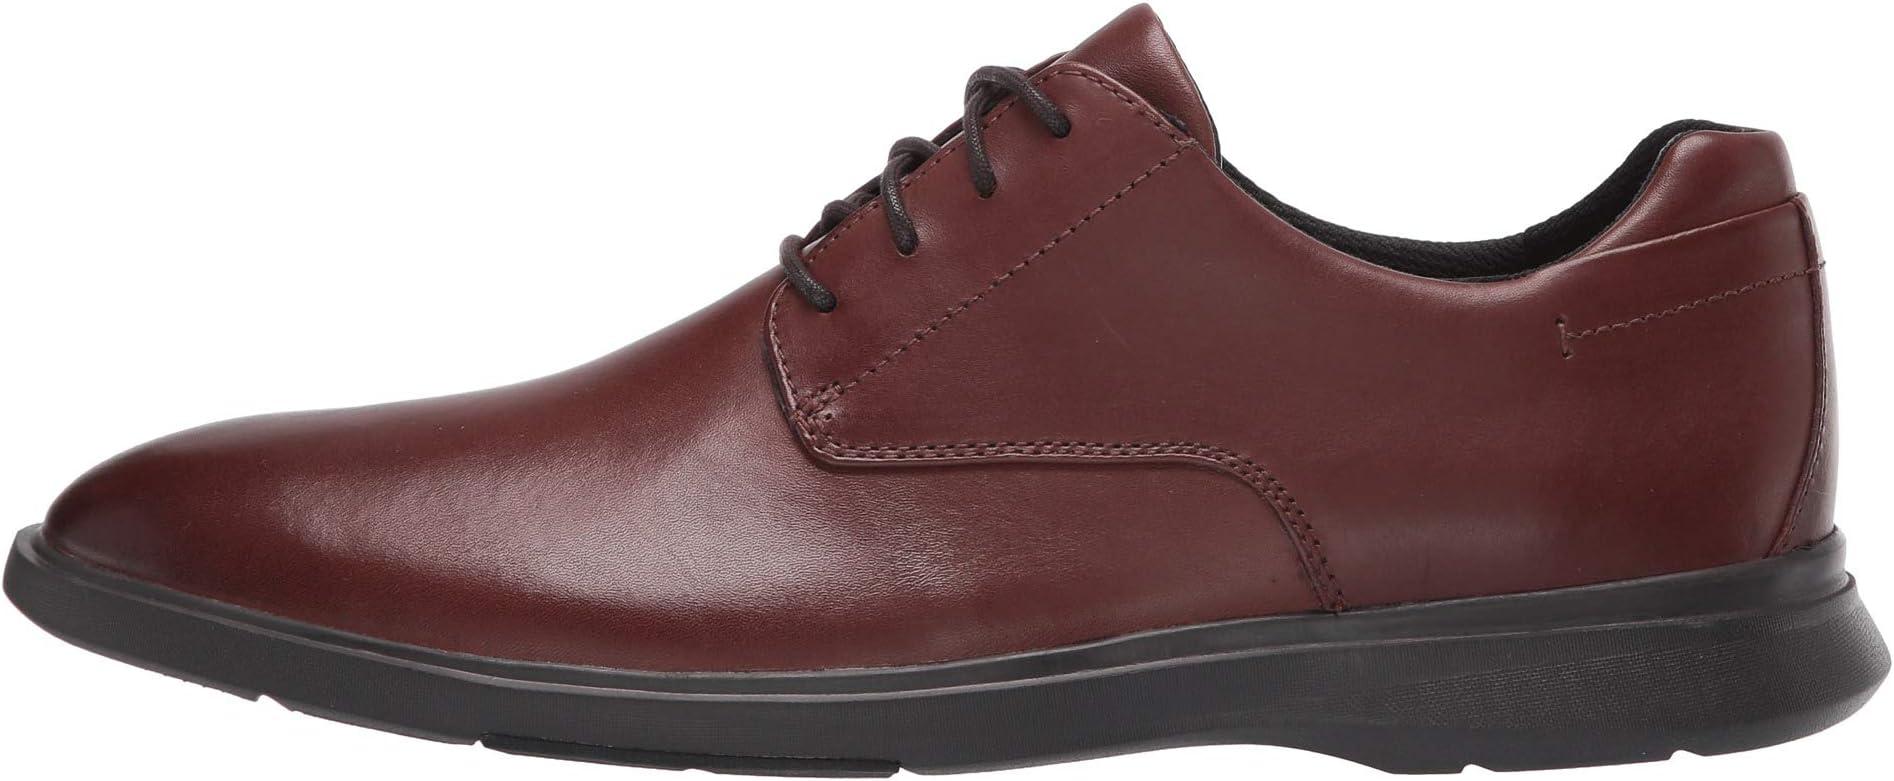 Clarks Un Lipari Park | Men's shoes | 2020 Newest